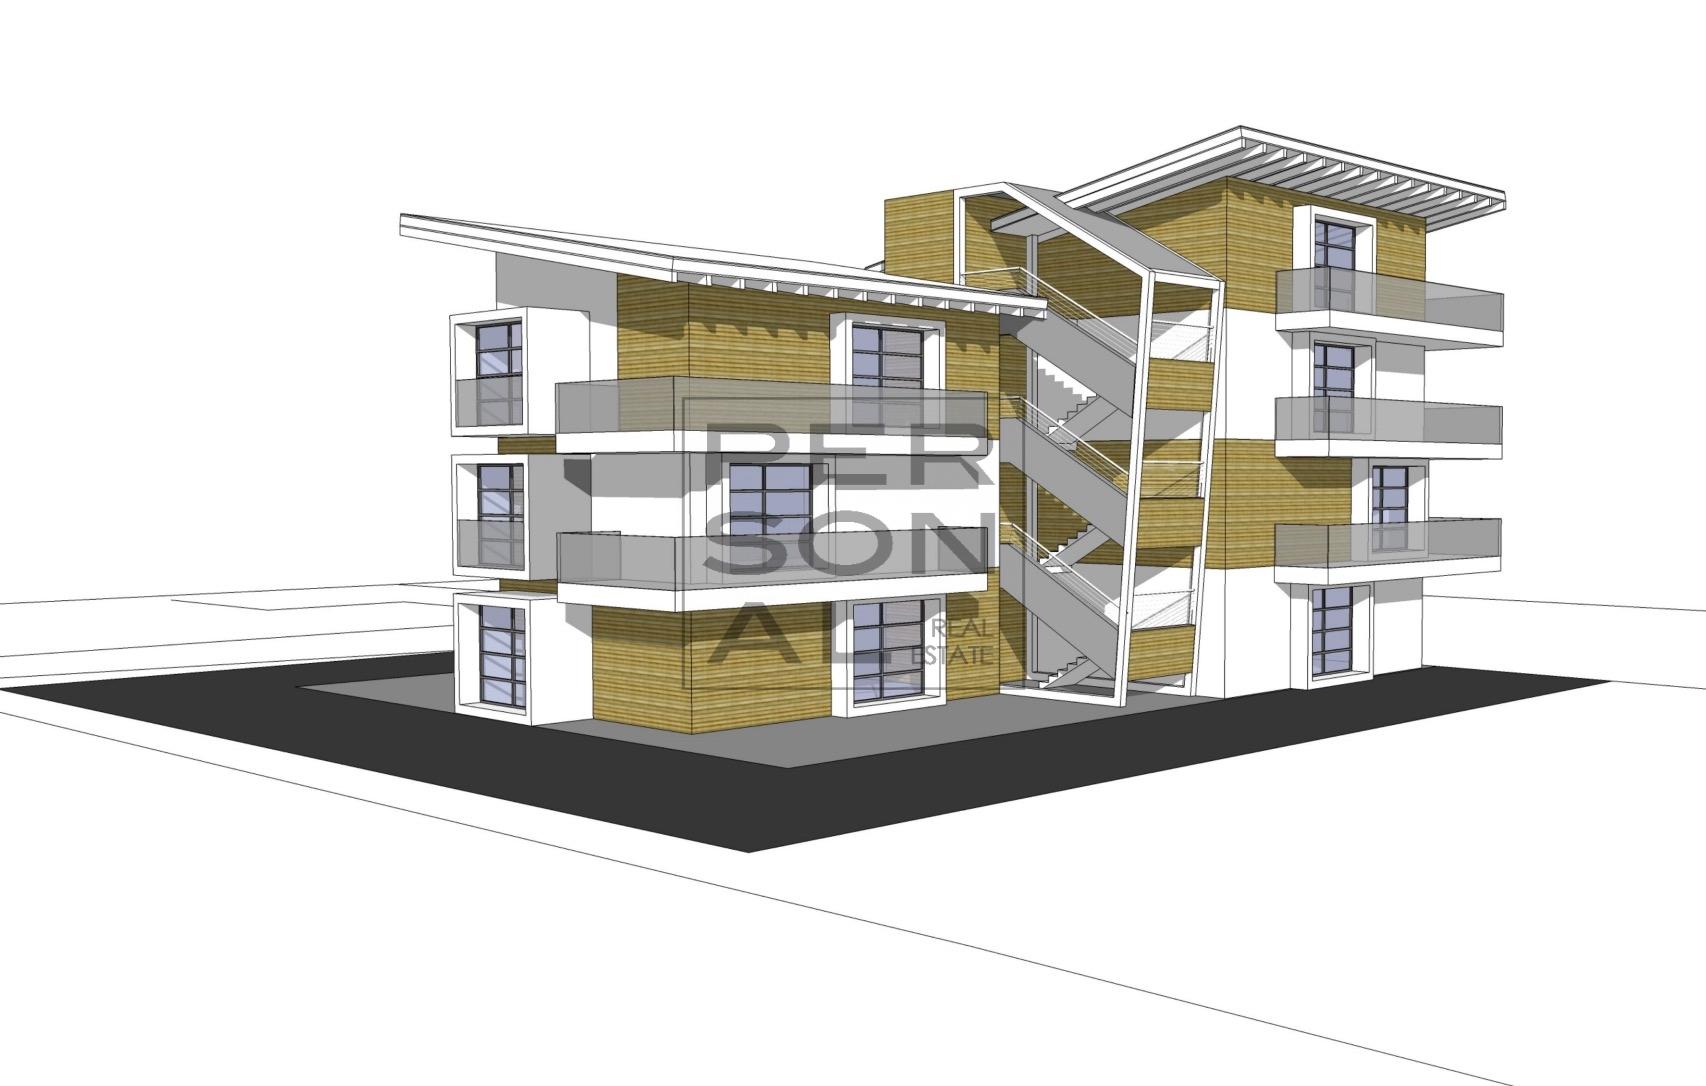 Appartamento in vendita a pergine valsugana cod b 017 for Costo impianto idraulico appartamento 100 mq